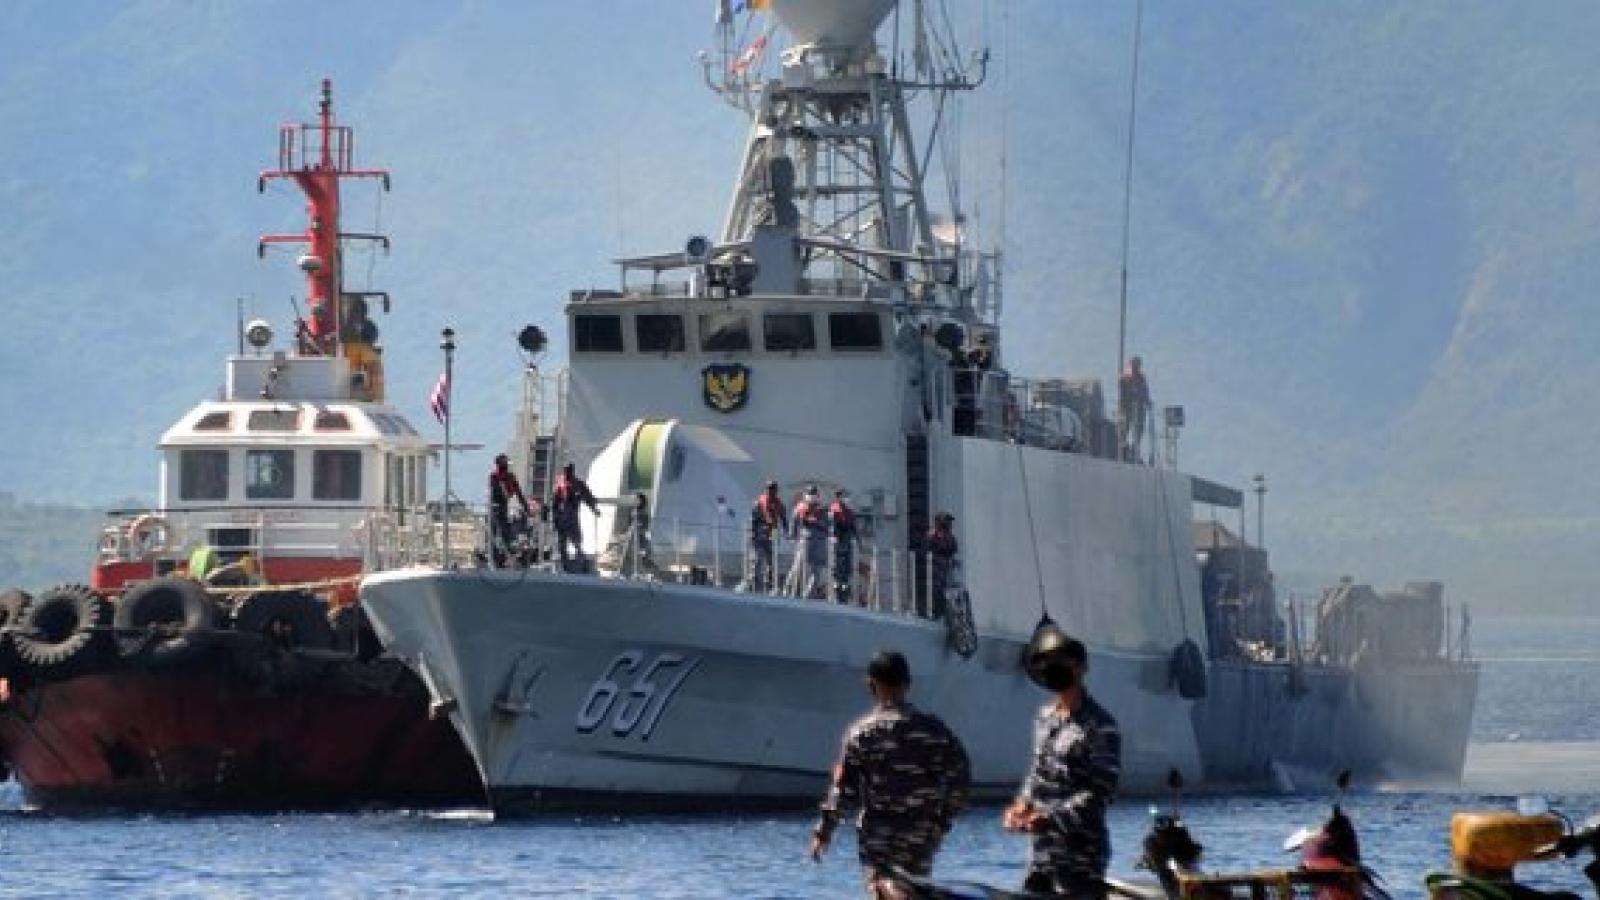 Khó khăn Hải quân Indonesia phải đối mặt khi trục vớt tàu ngầm chìm